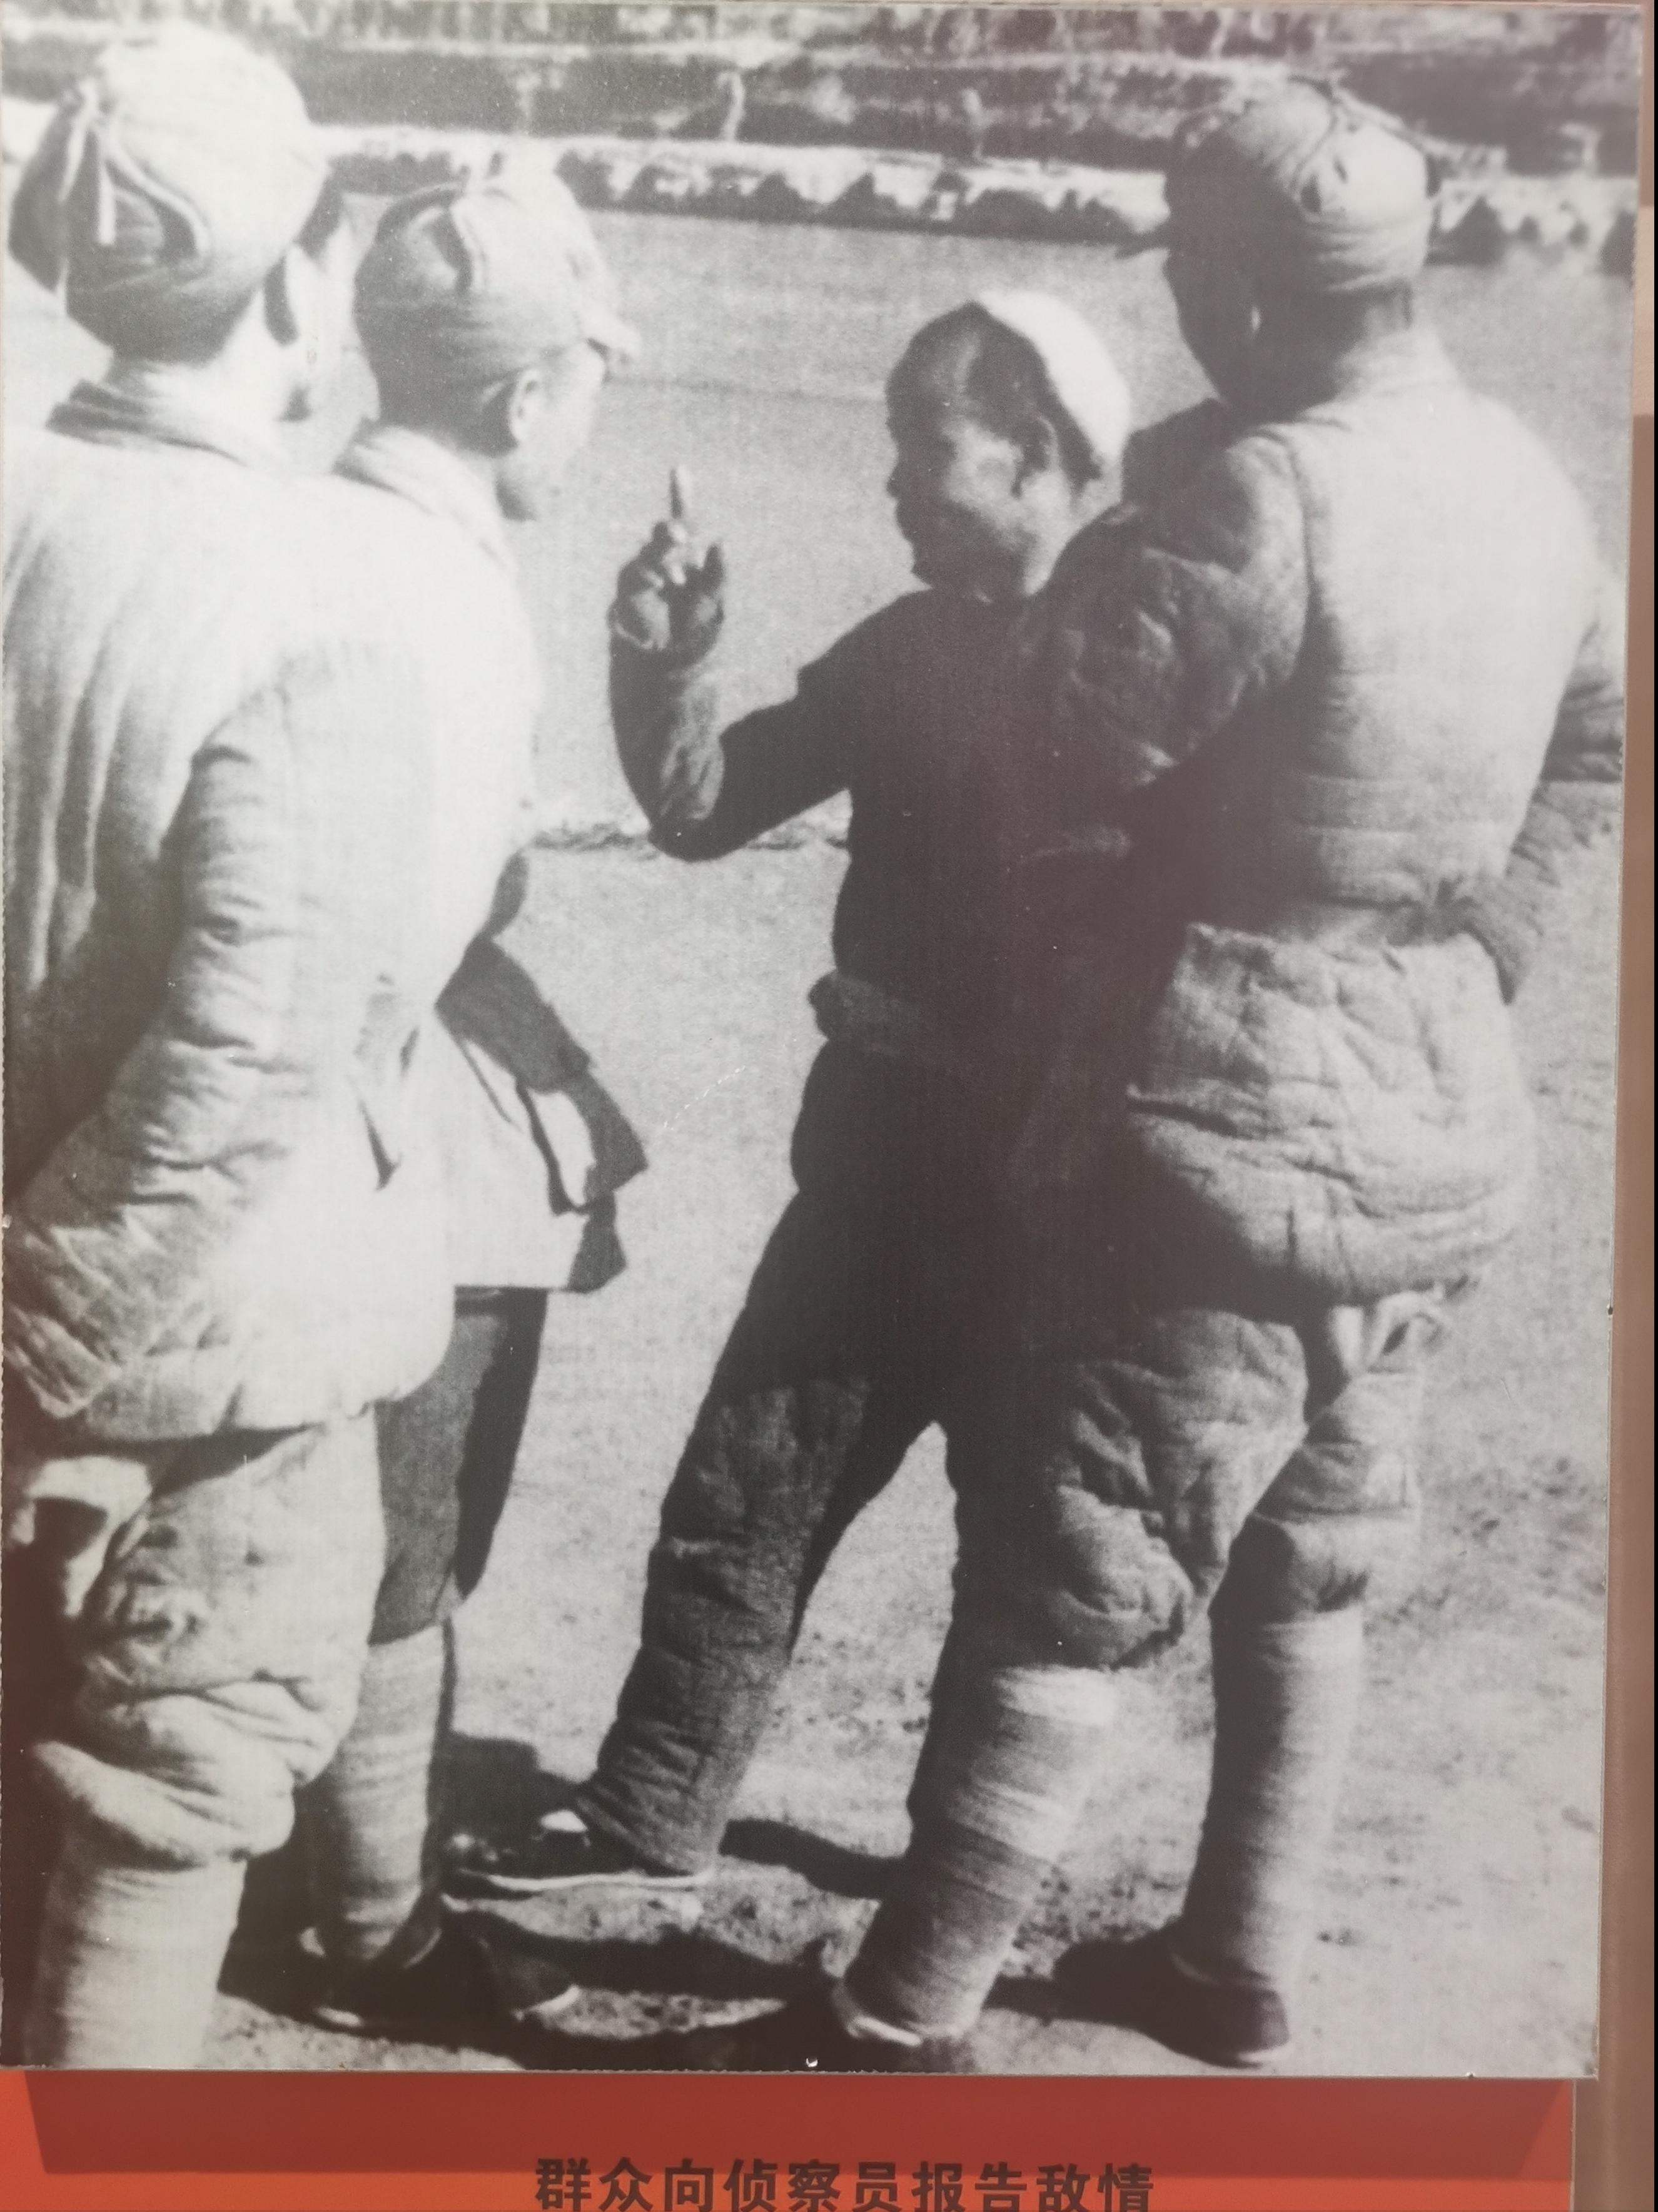 中共中央转战陕北期间的安全保卫工作(二)